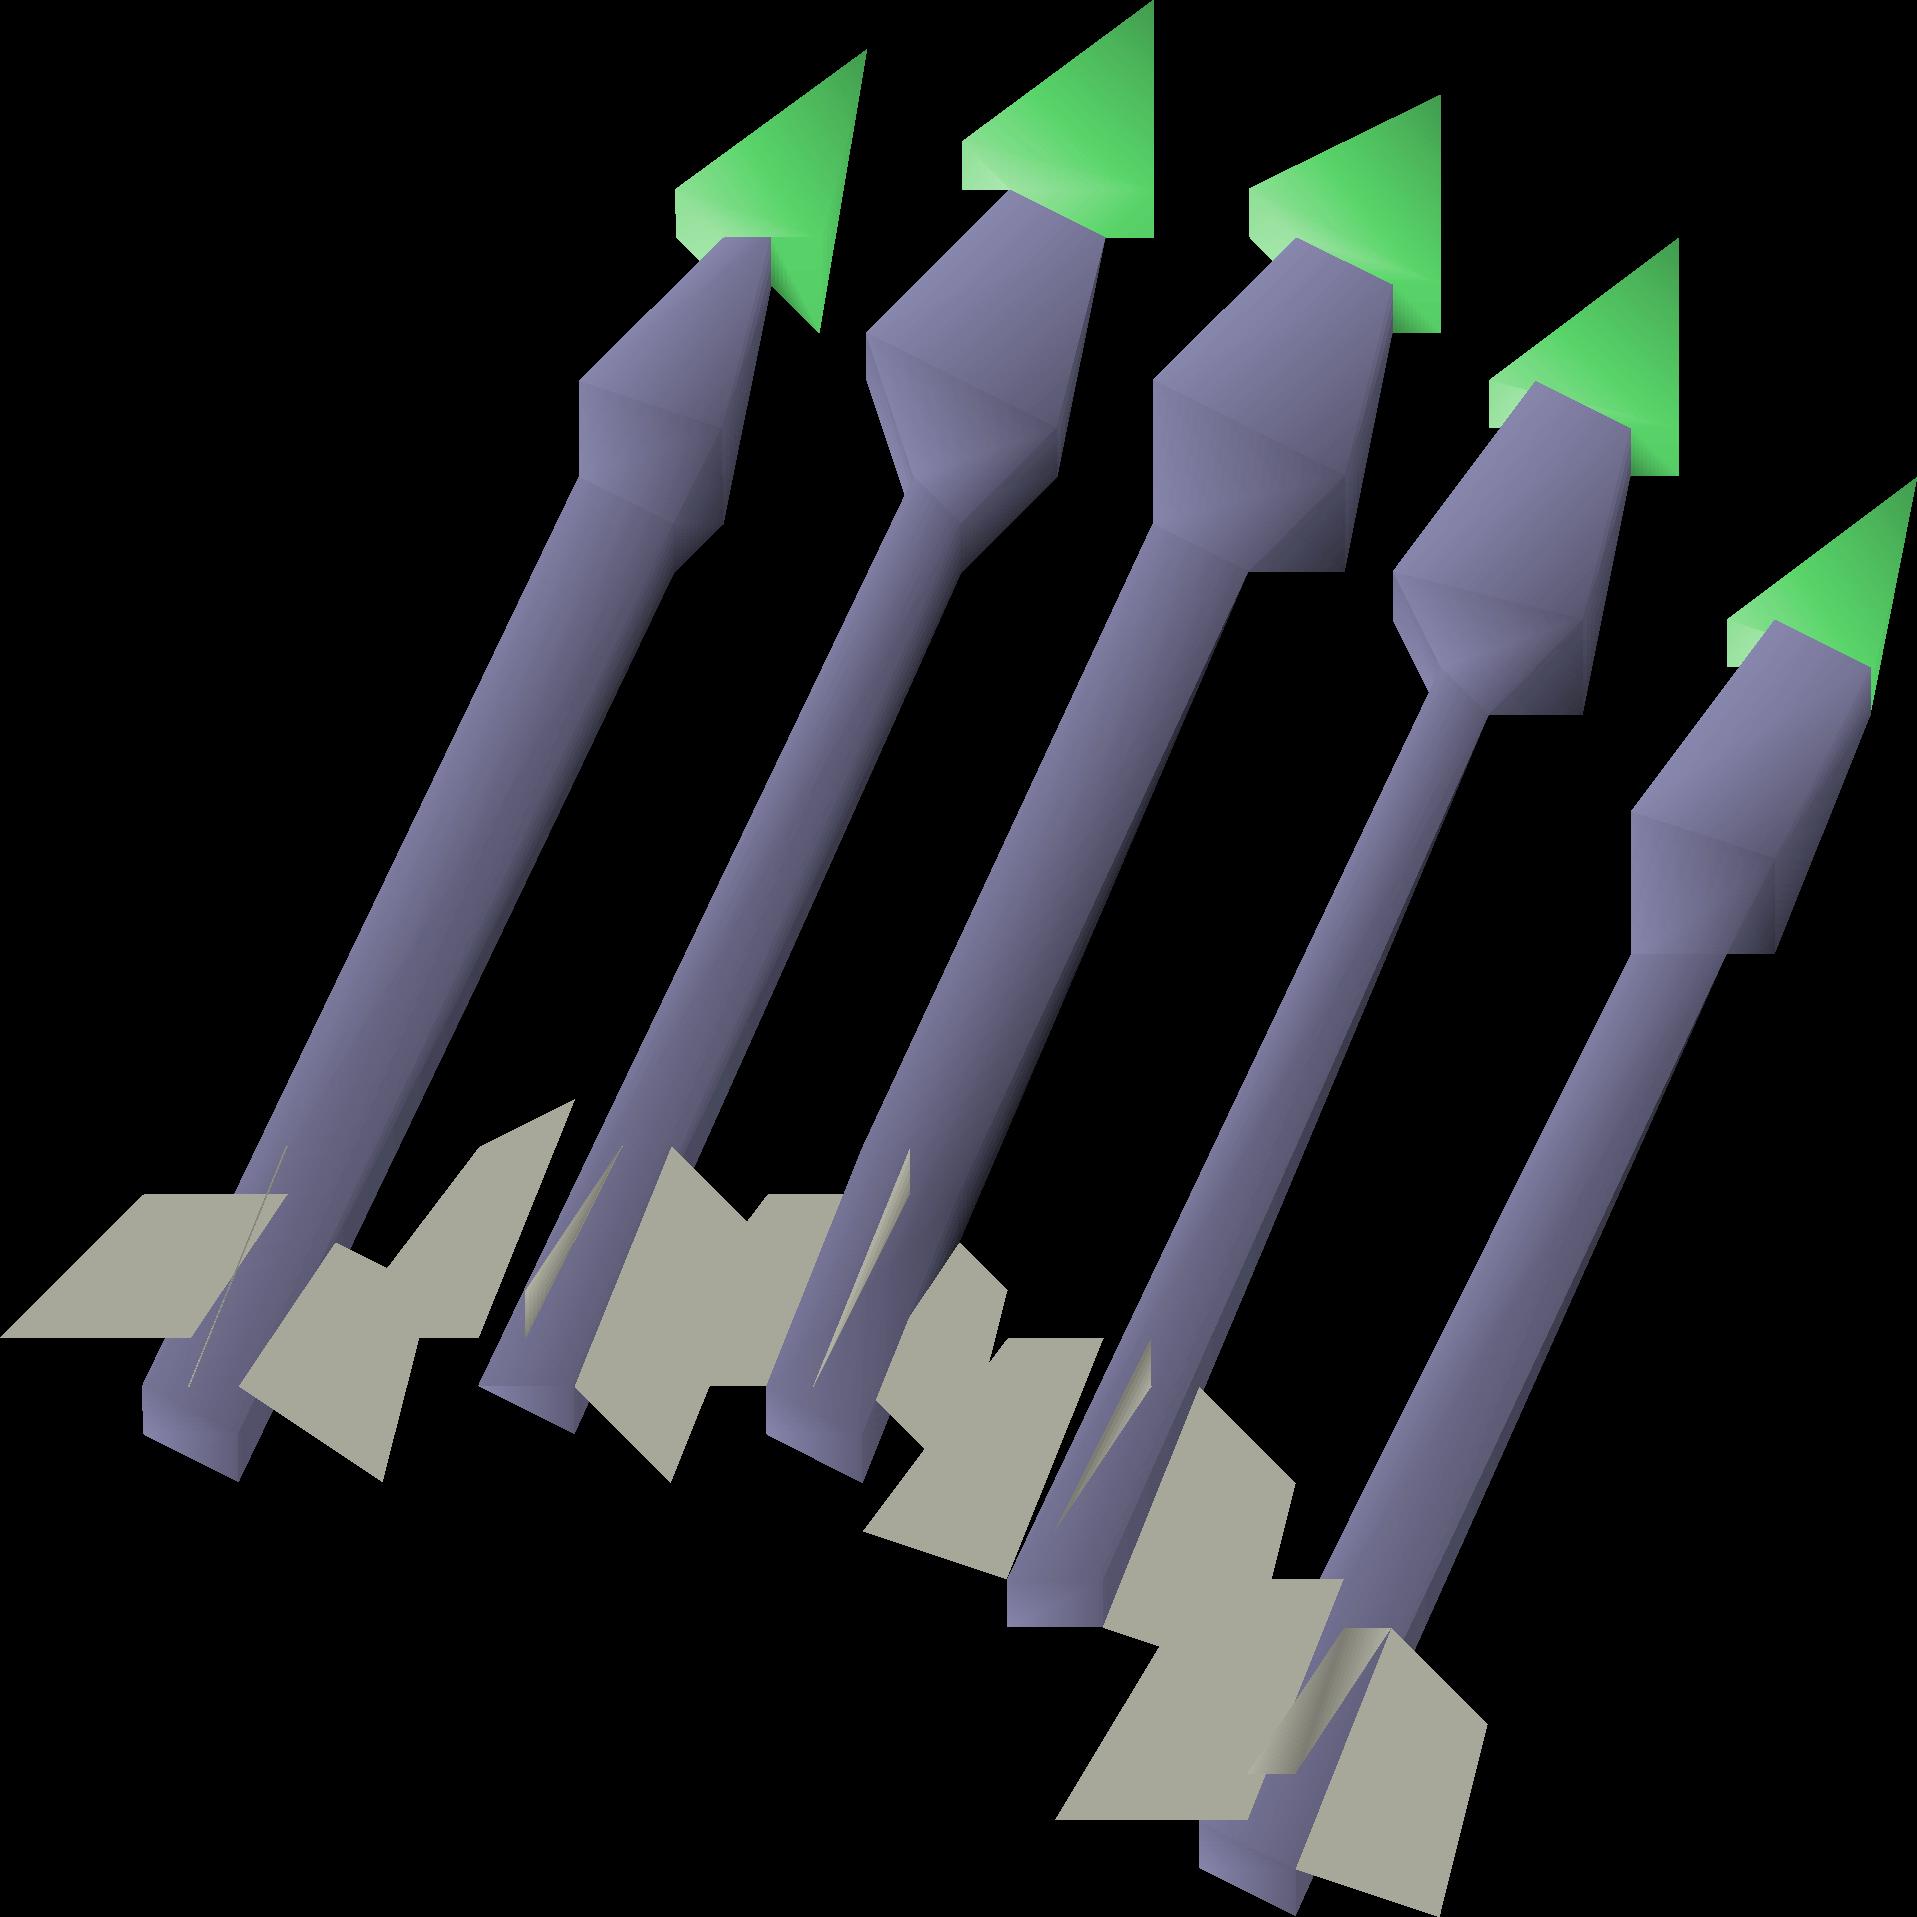 Emerald bolts (e) detail